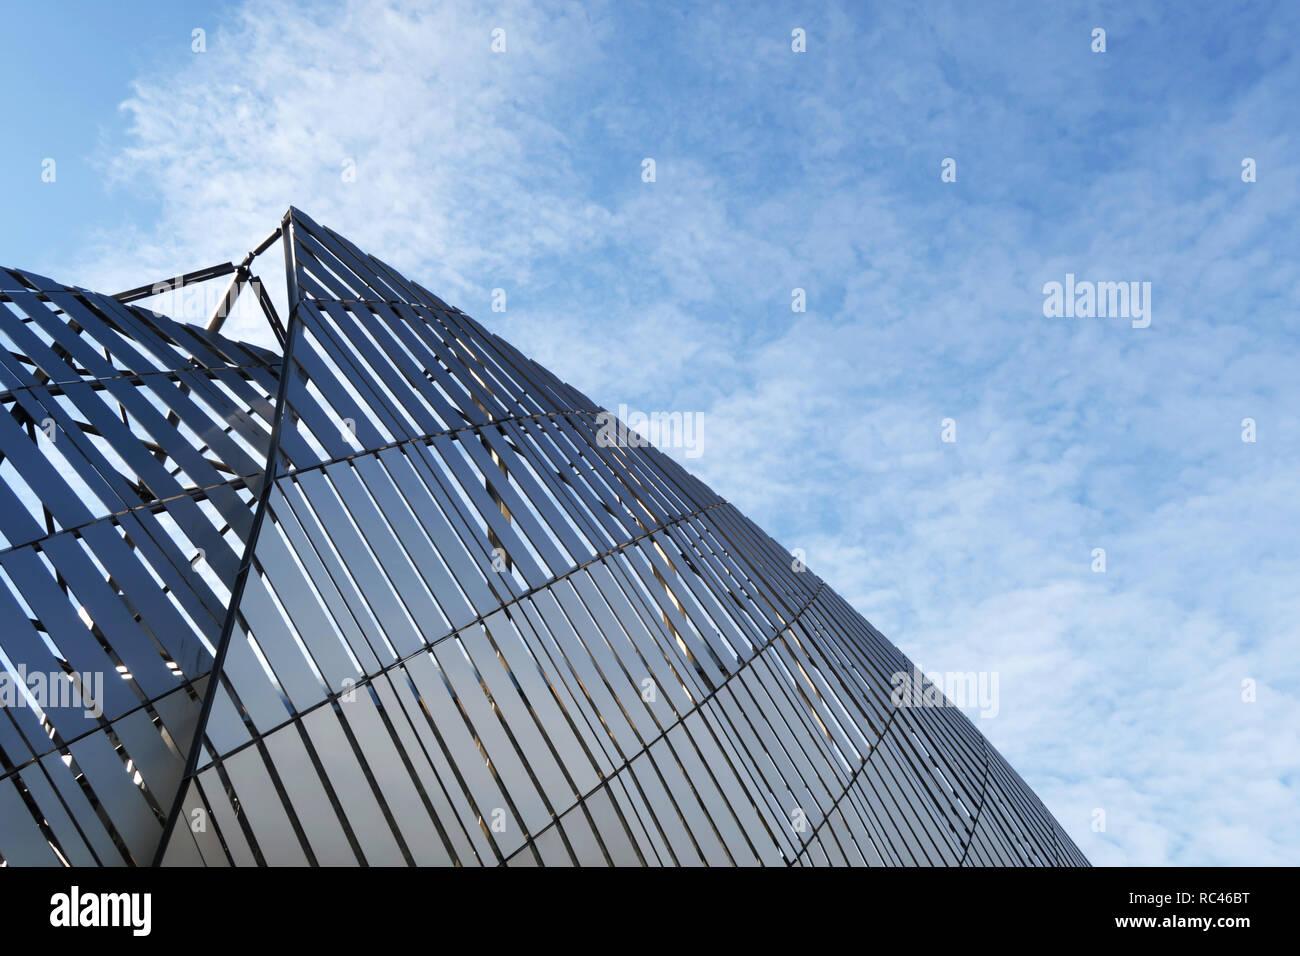 Schones Beispiel Moderner Architektur Und Architektur